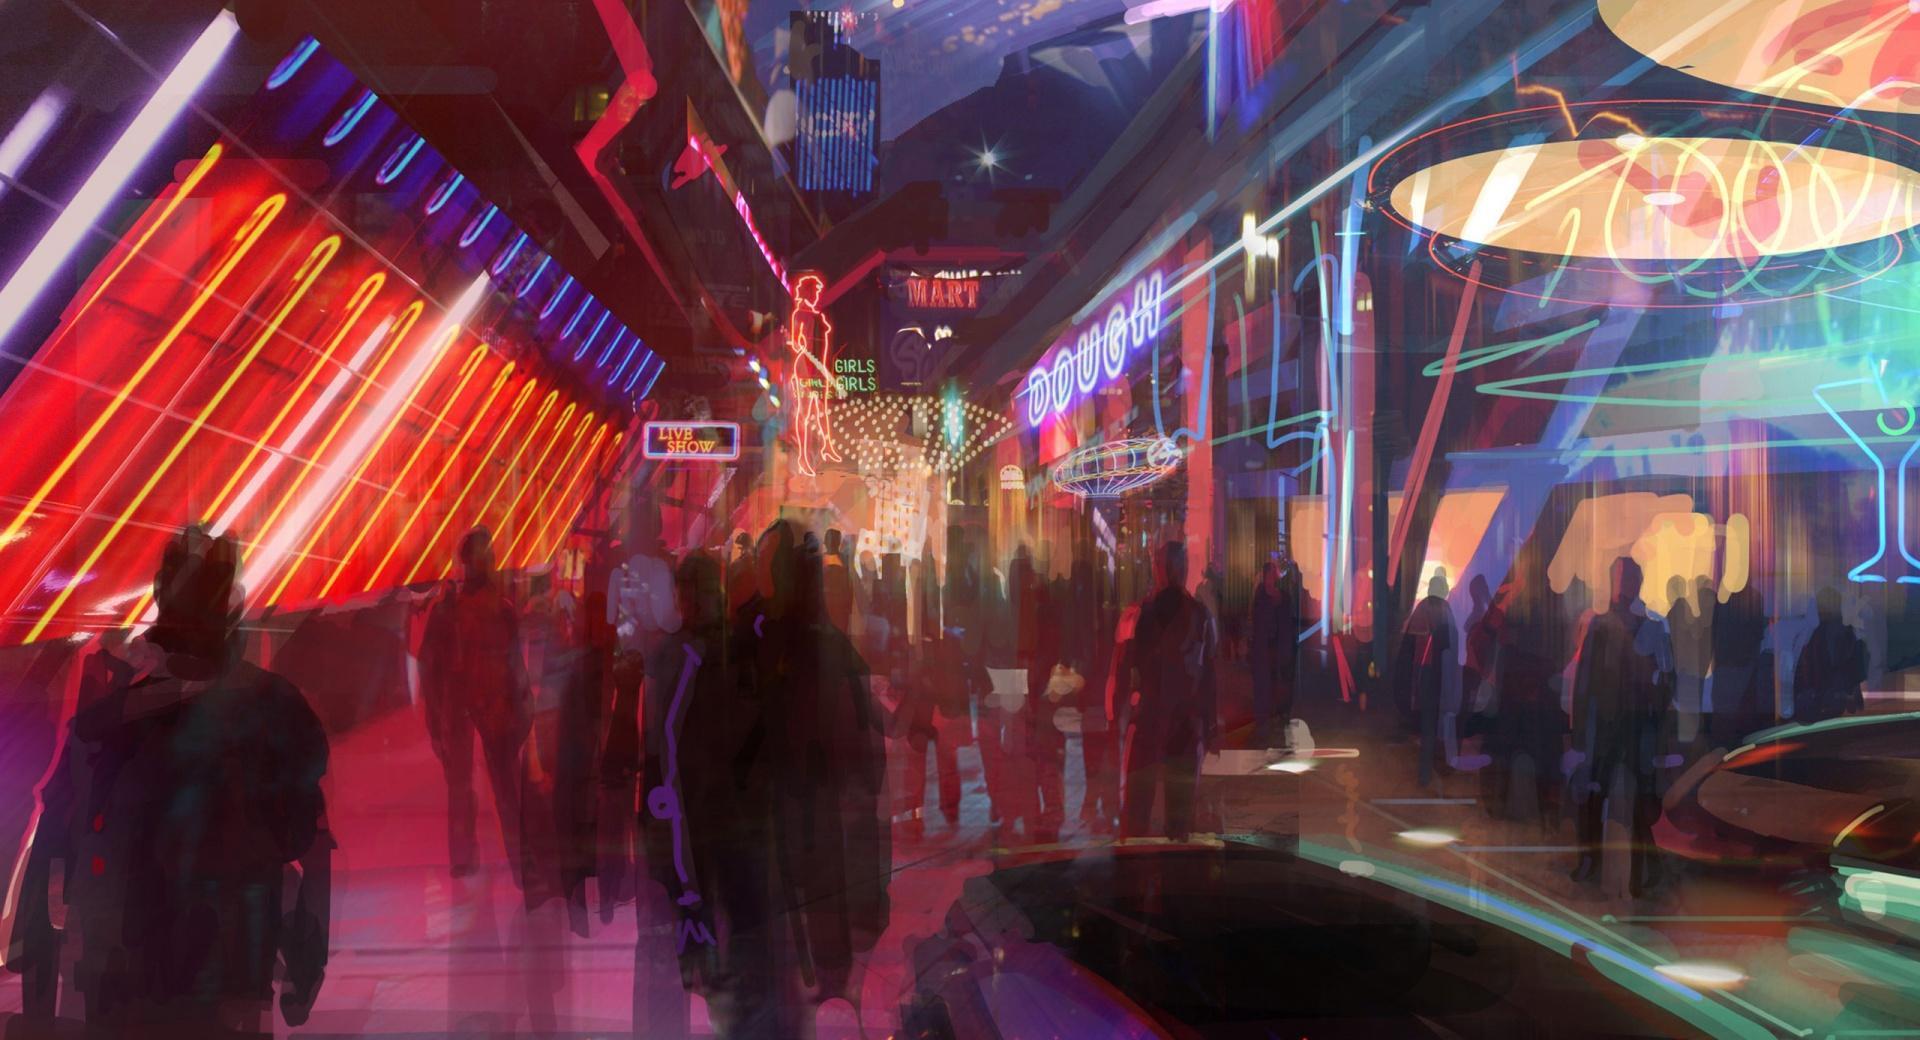 Mass Effect Art wallpapers HD quality